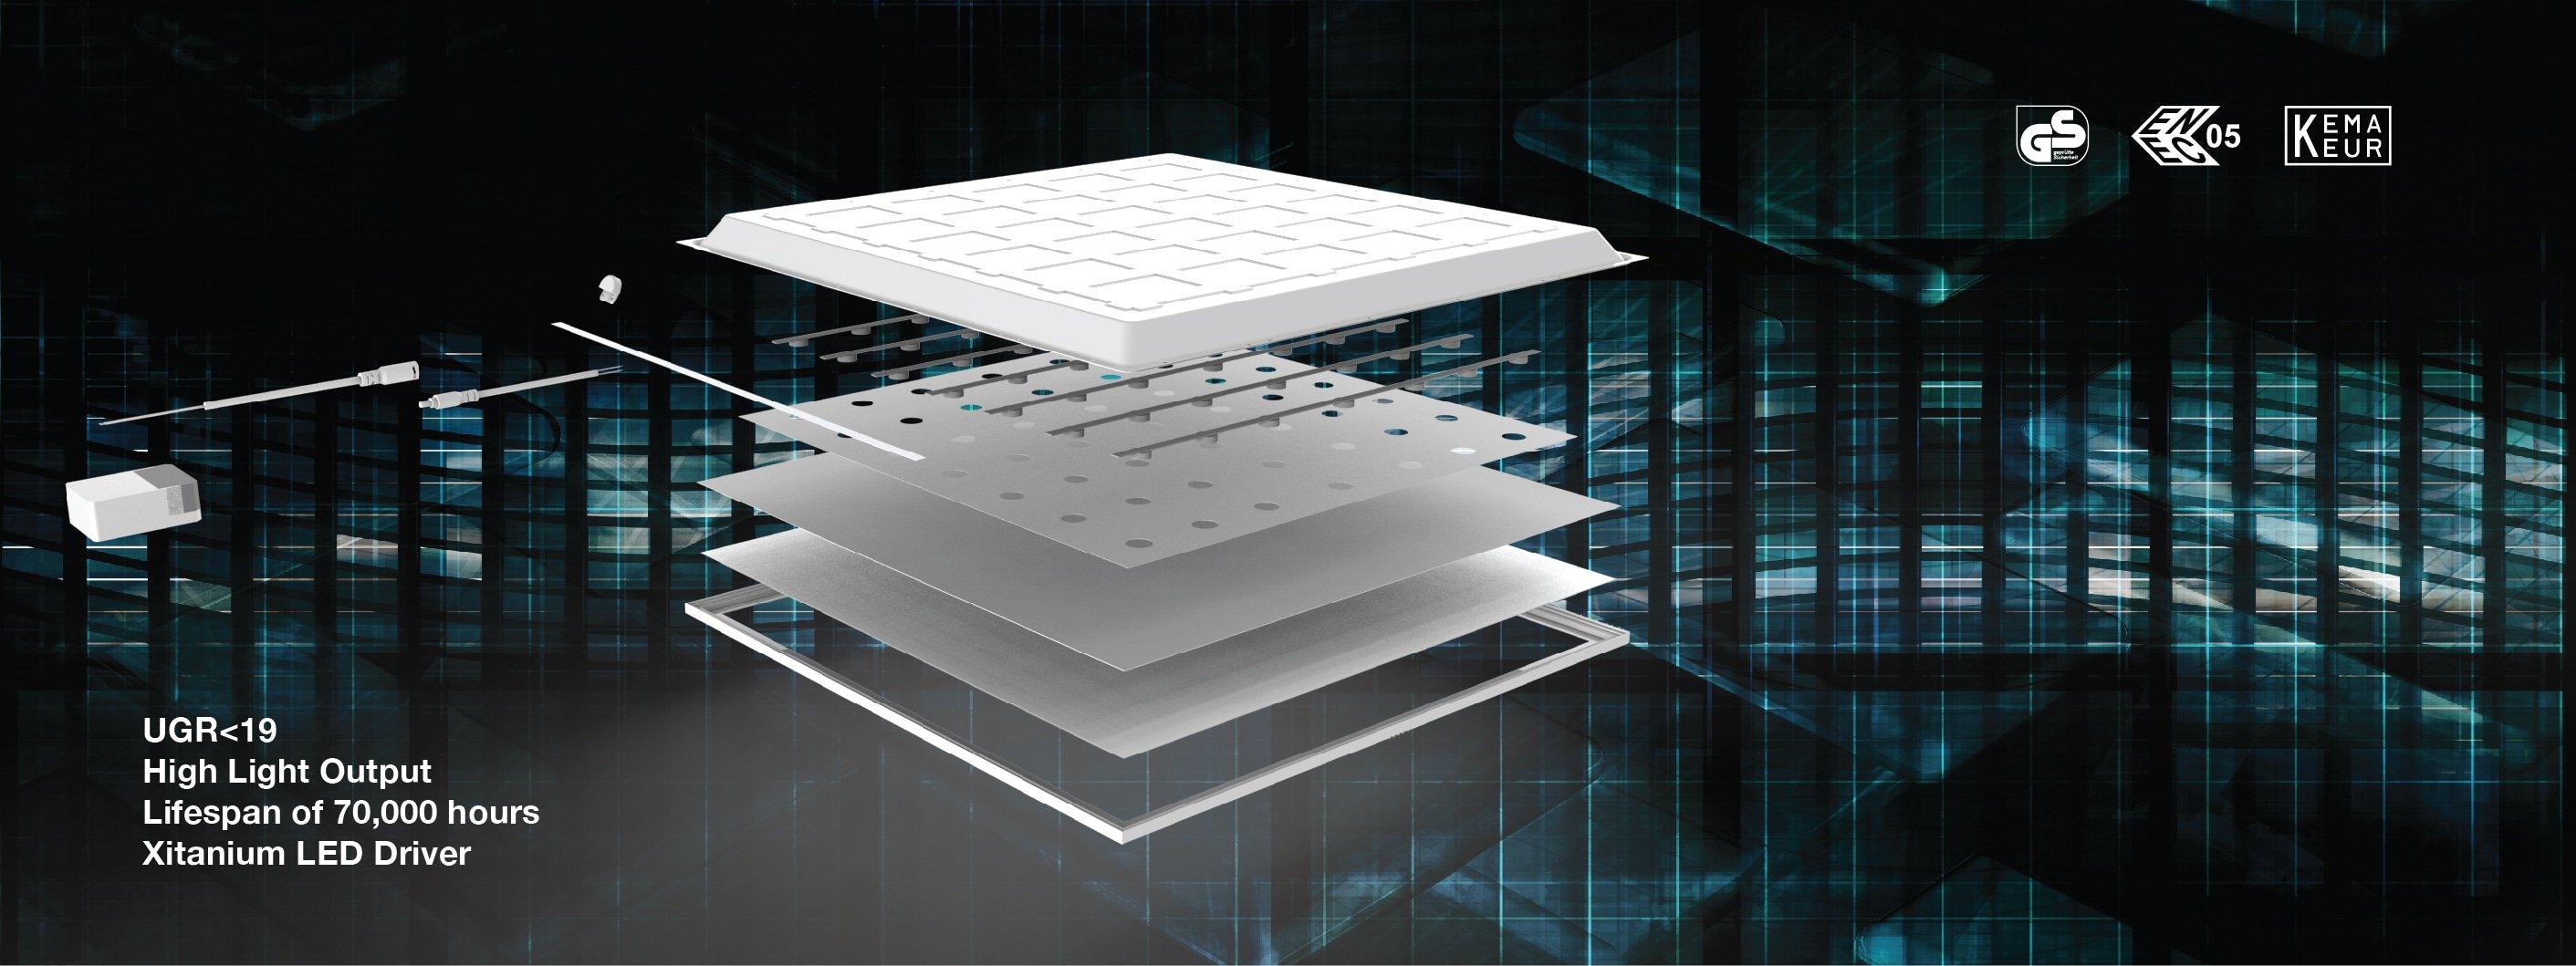 LED Paneel Delta Pro UGR<19 V2.0 Series